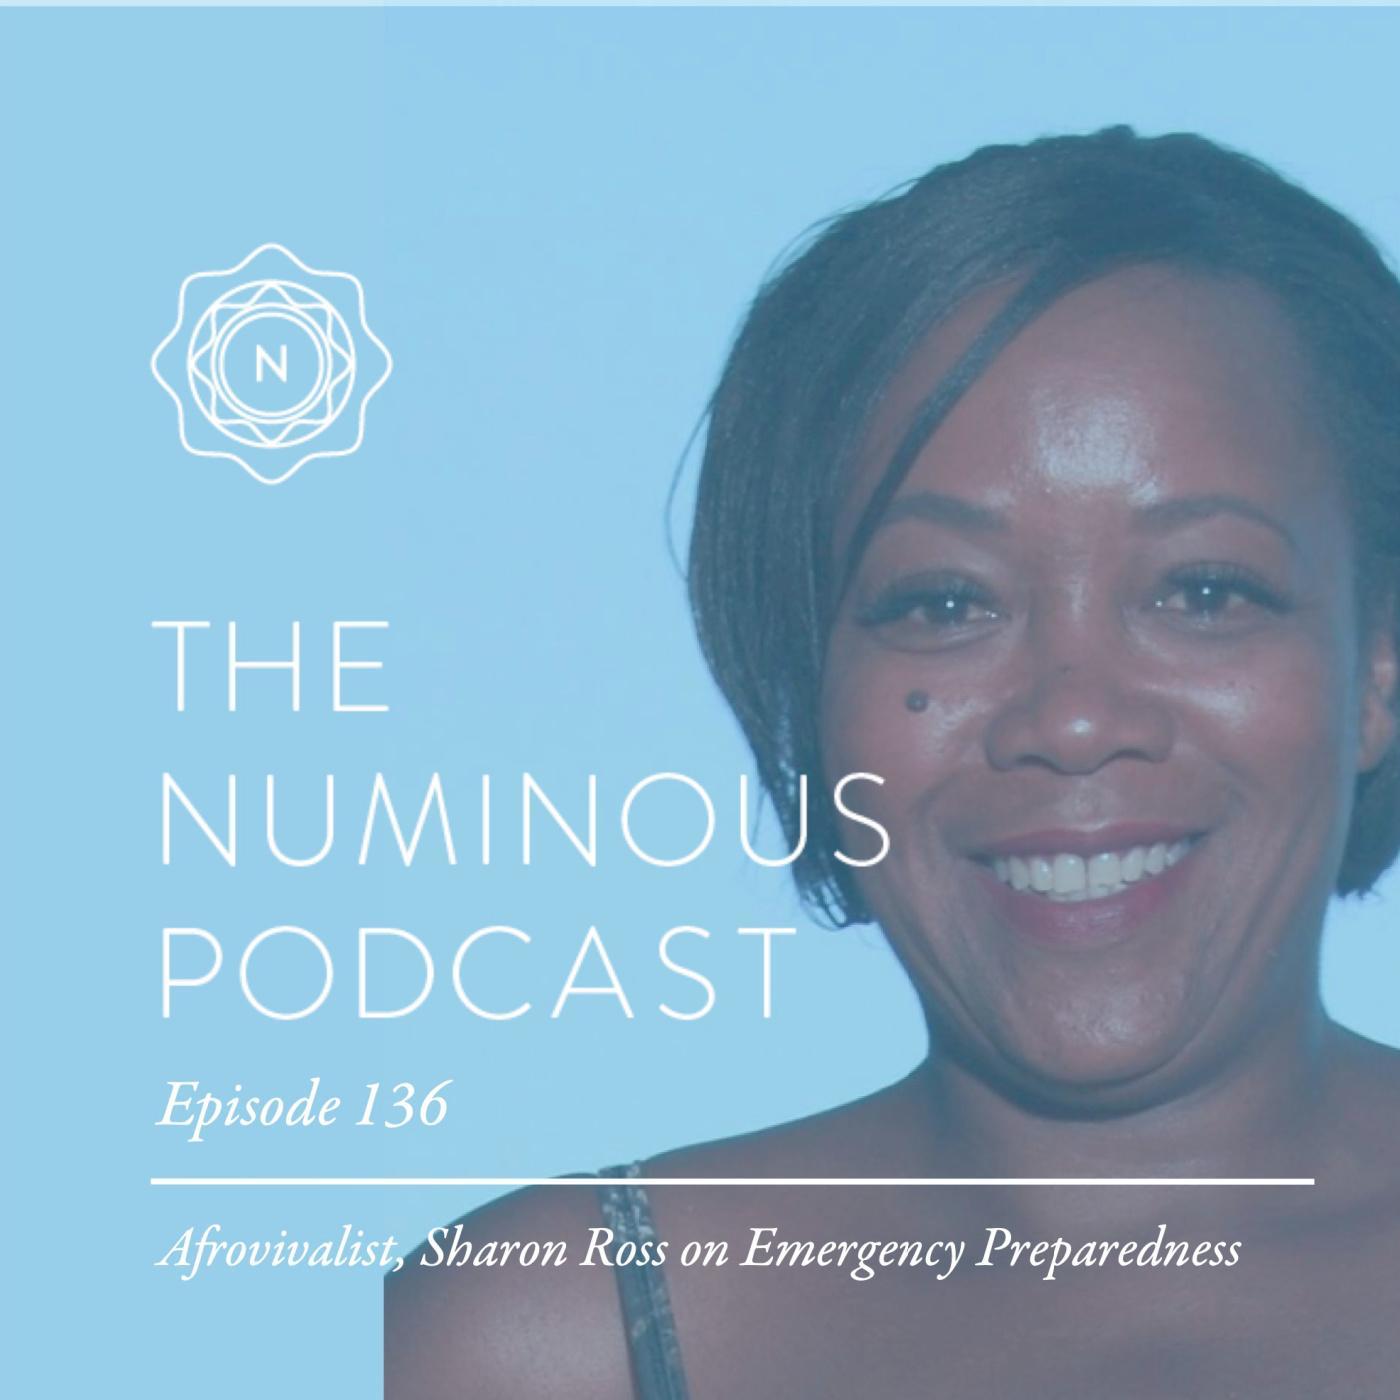 TNP137 Sharon Ross Afrovivalist on Emergency Preparedness